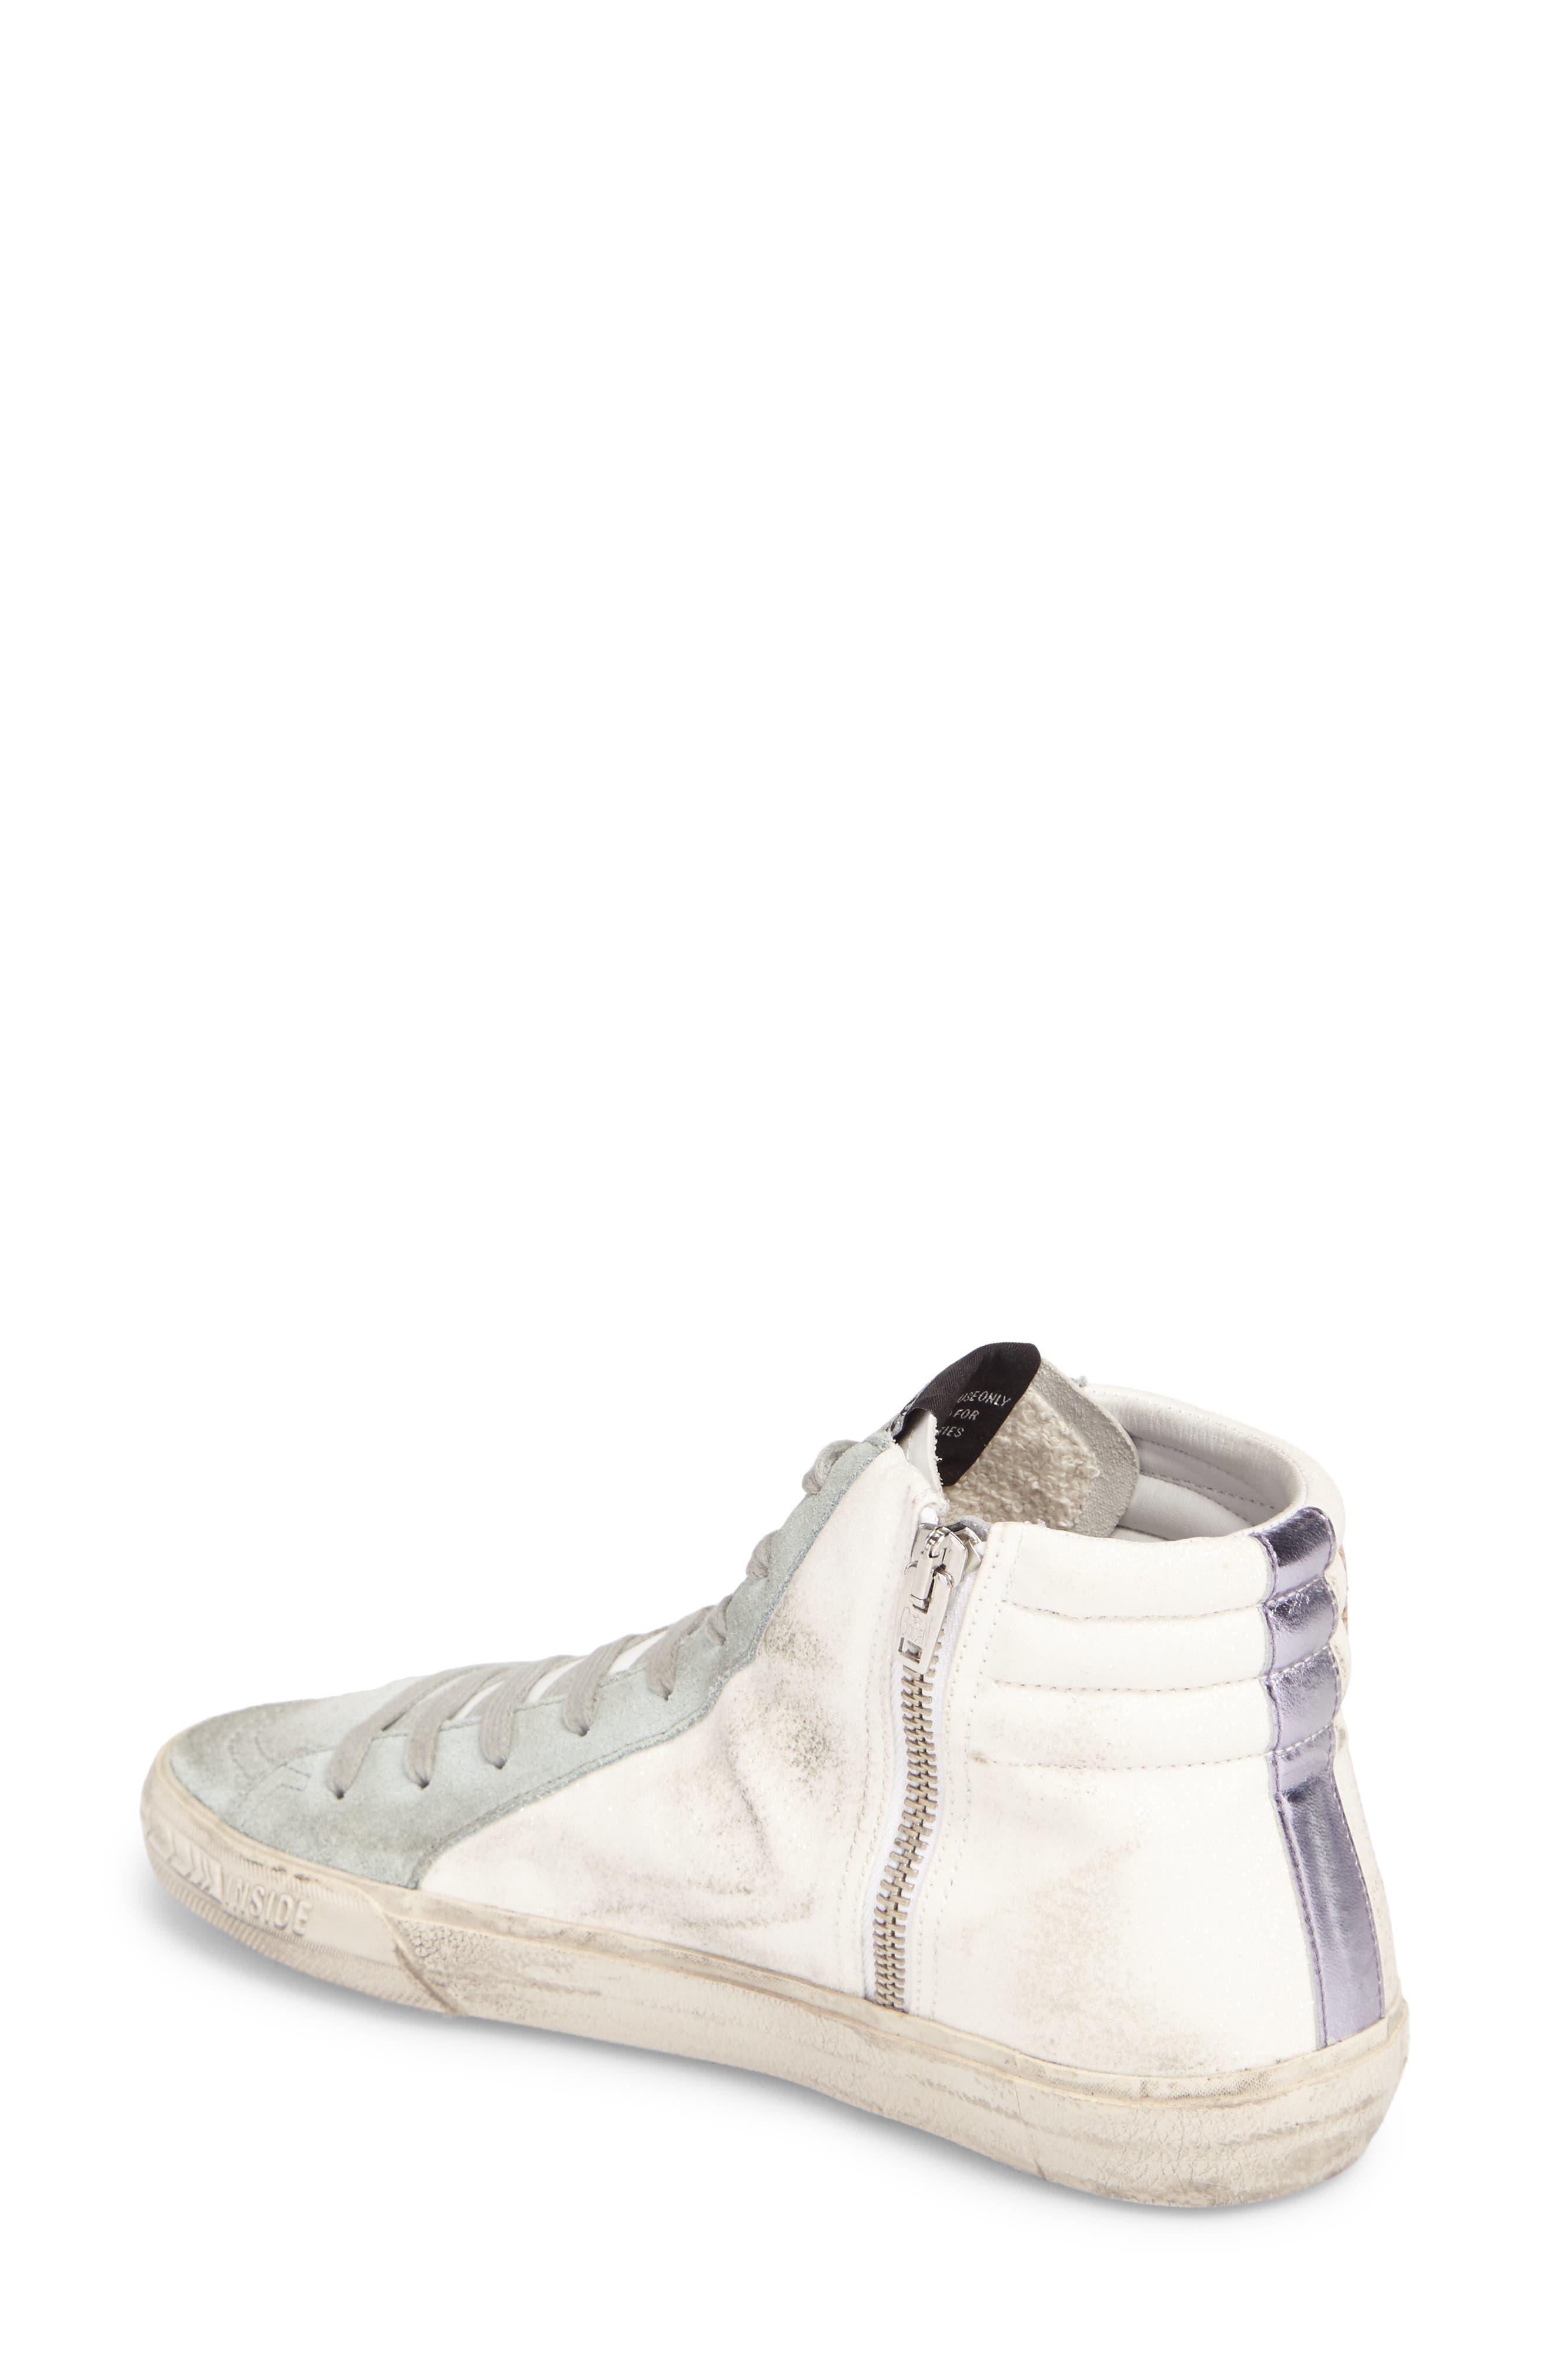 Slide High Top Sneaker,                             Alternate thumbnail 2, color,                             White/ Mint Green